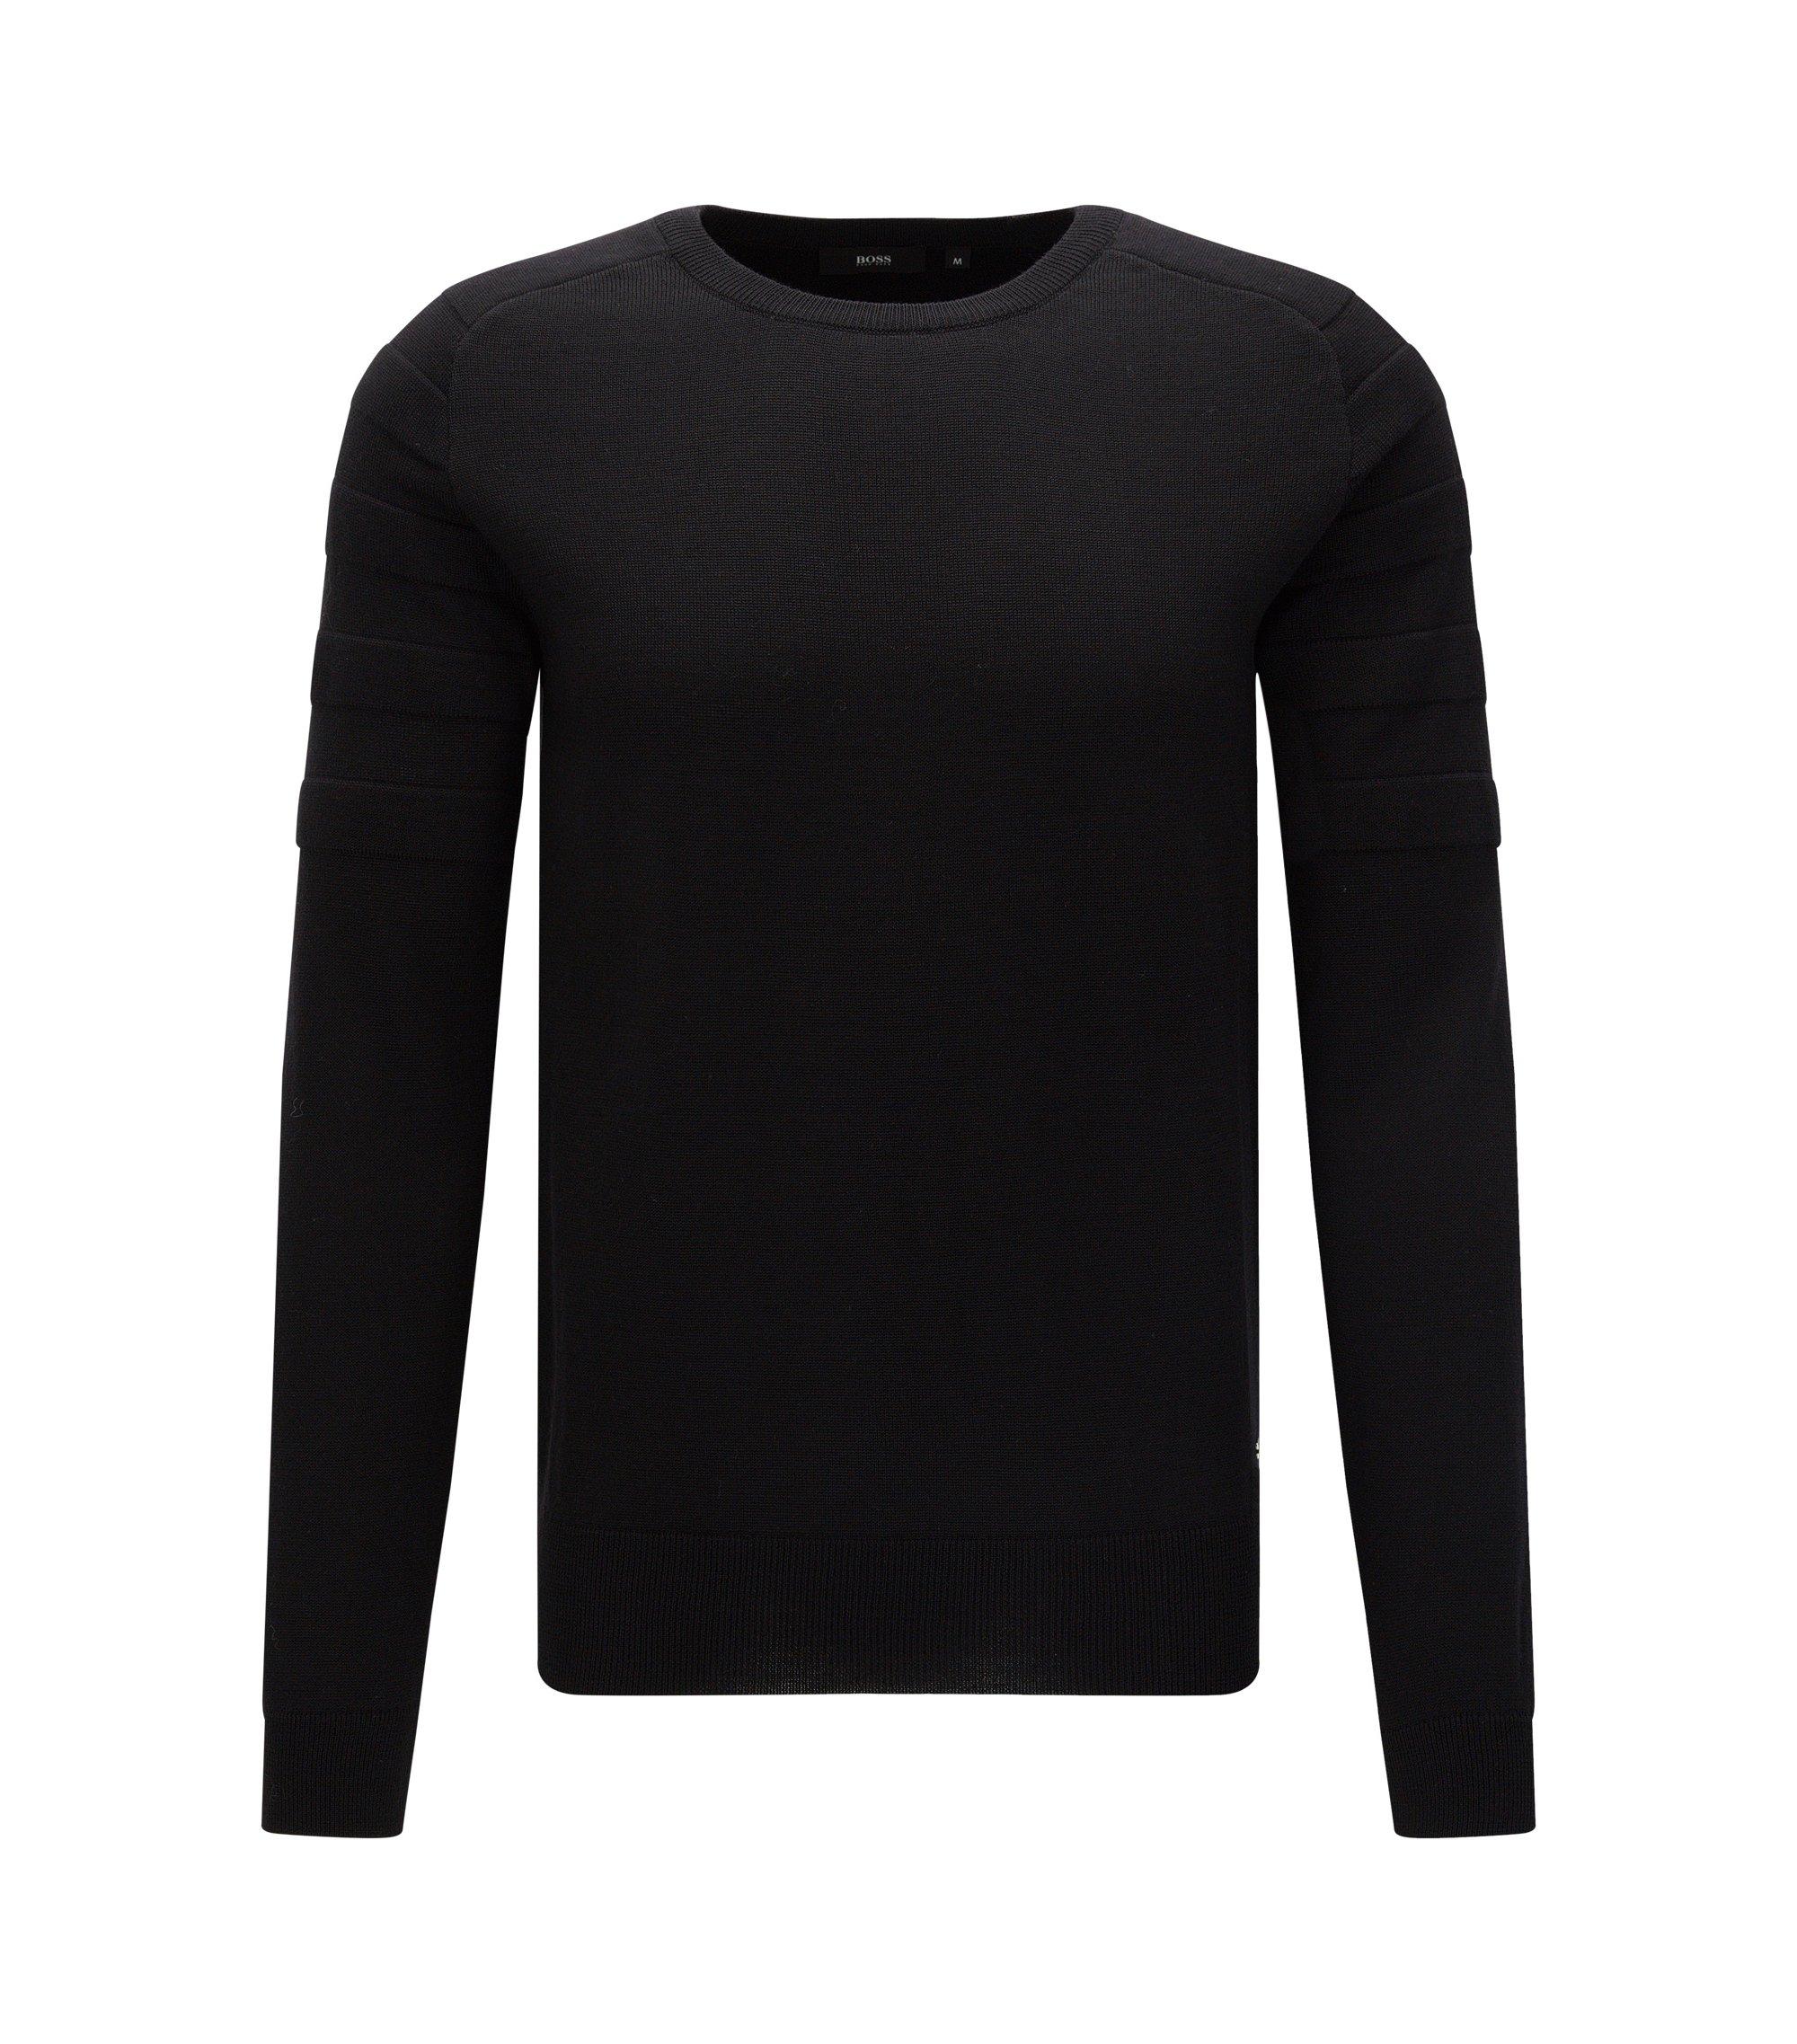 Virgin Wool Sweater | Omoto, Black